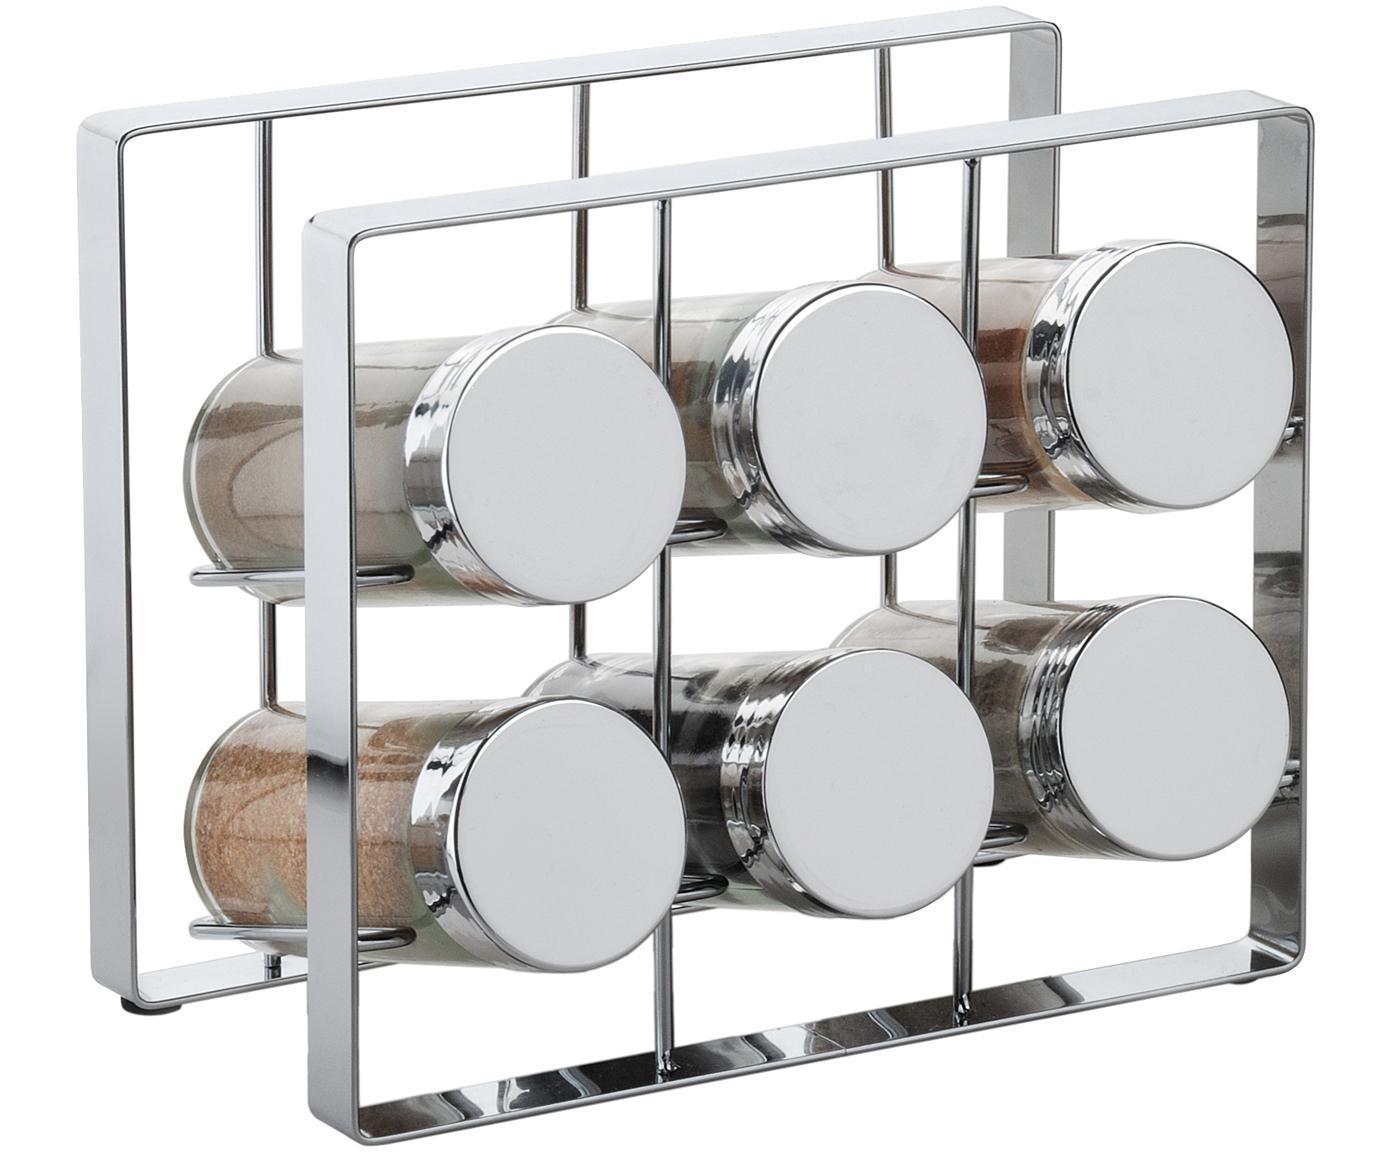 Gewürzregal mit Aufbewahrungsdosen Spices, 7-tlg., Gestell: Metall, lackiert, Dosen: Glas, Deckel: Aluminium, lackiert, Silberfarben, 18 x 15 cm